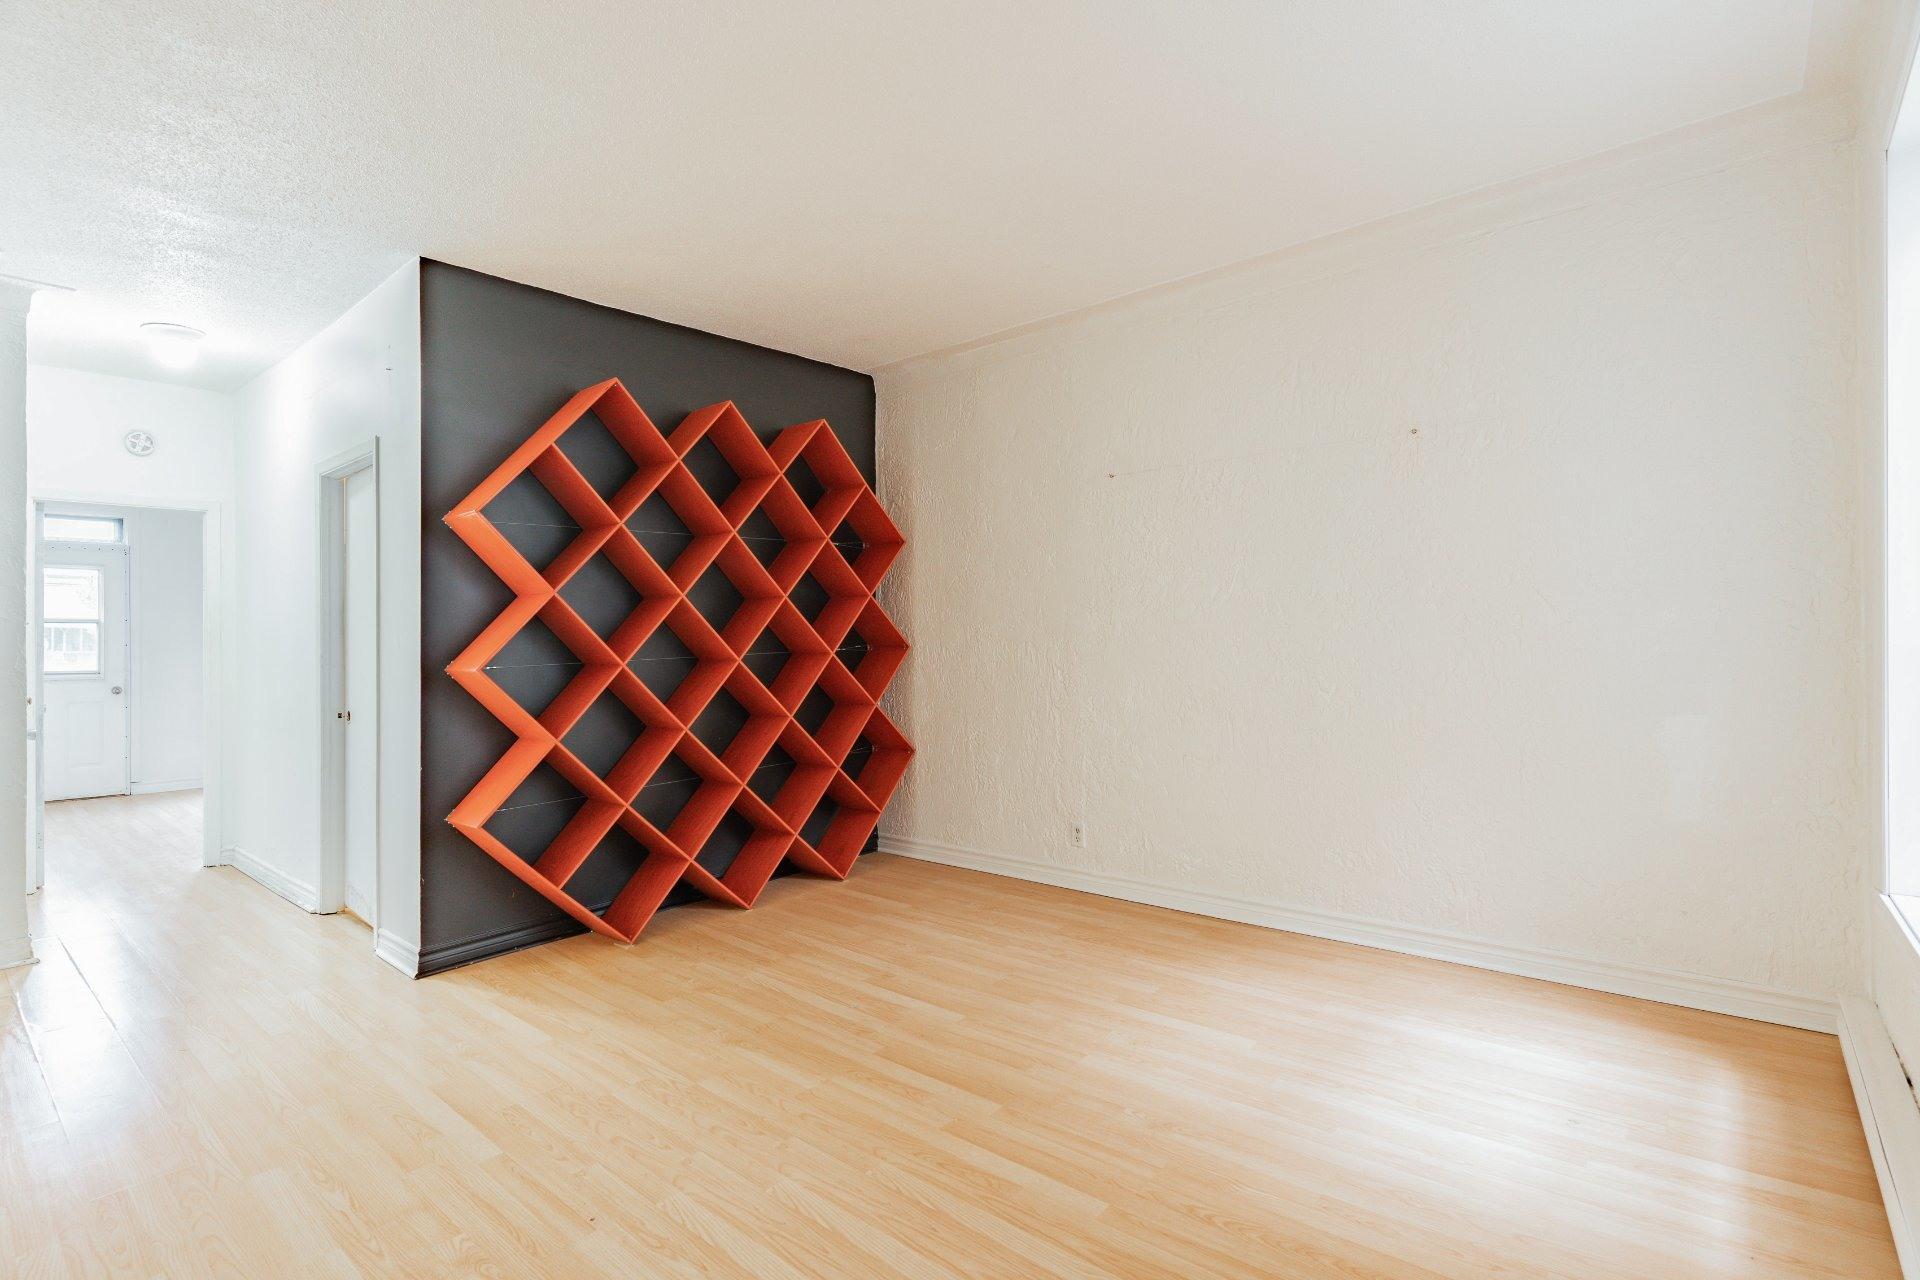 image 7 - Appartement À louer Rosemont/La Petite-Patrie Montréal  - 5 pièces